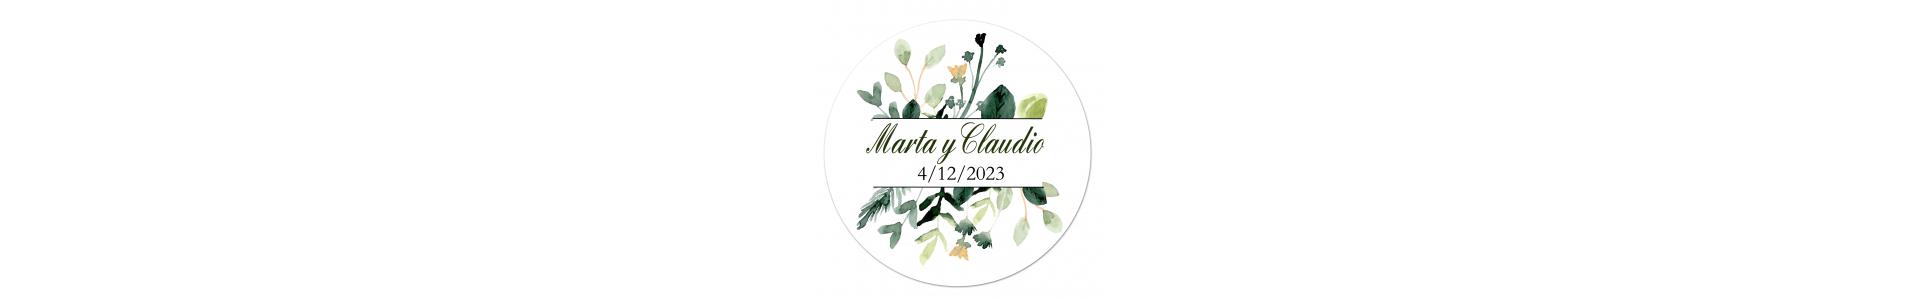 ▷ Pegatinas y etiquetas personalizadas para boda | Regalantes